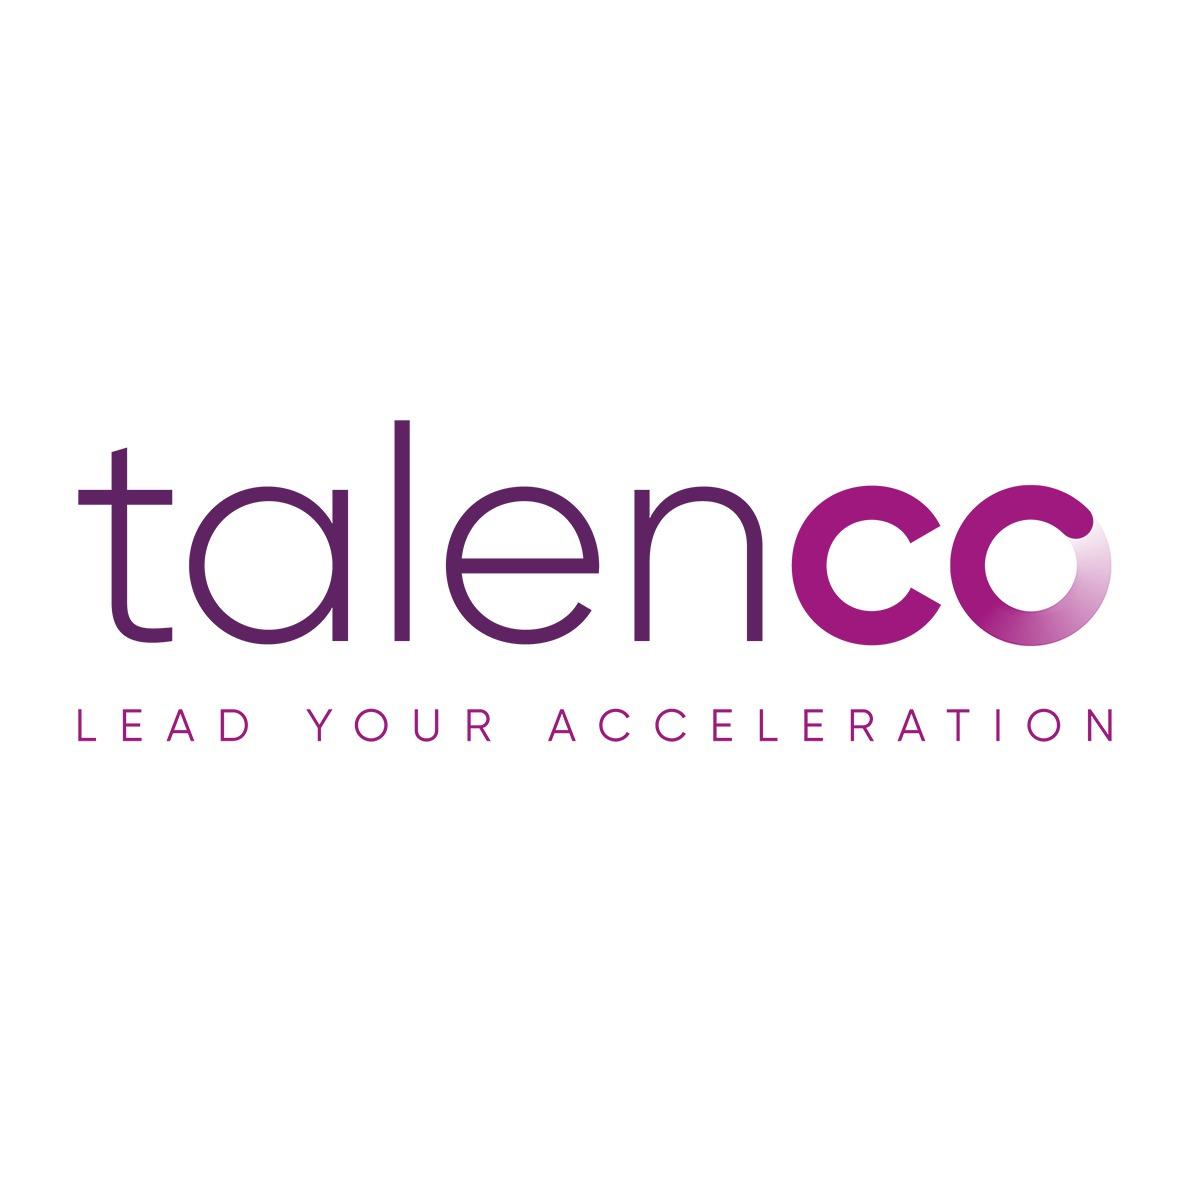 the Talenco logo.